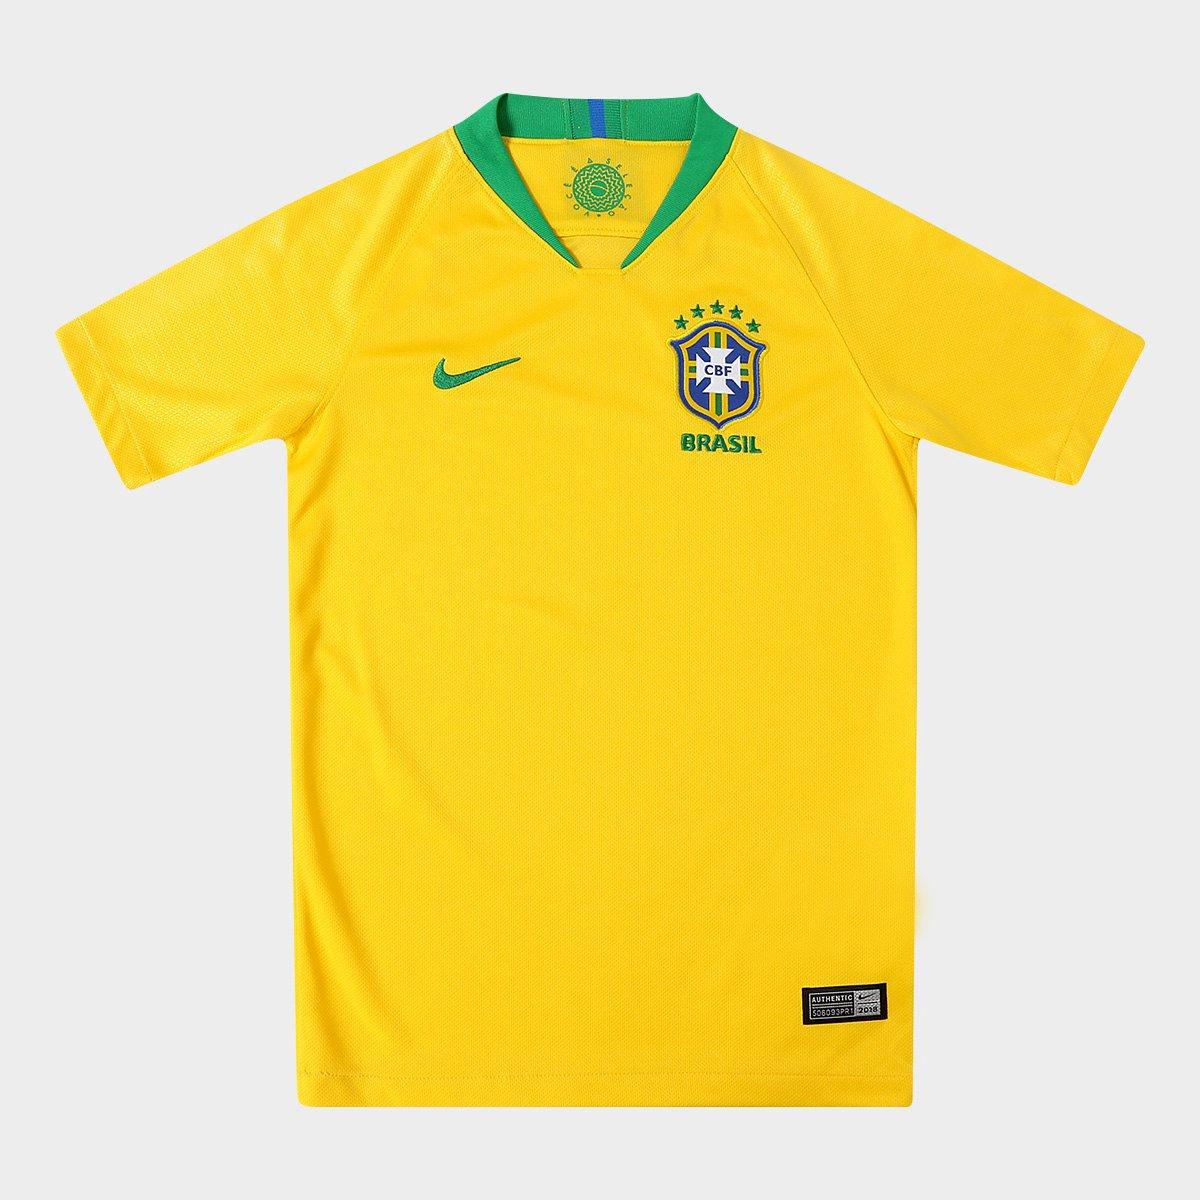 Amarelo Torcedor Brasil 2018 Juvenil Seleção e s Verde I Camisa Nike n° w7fOzqc